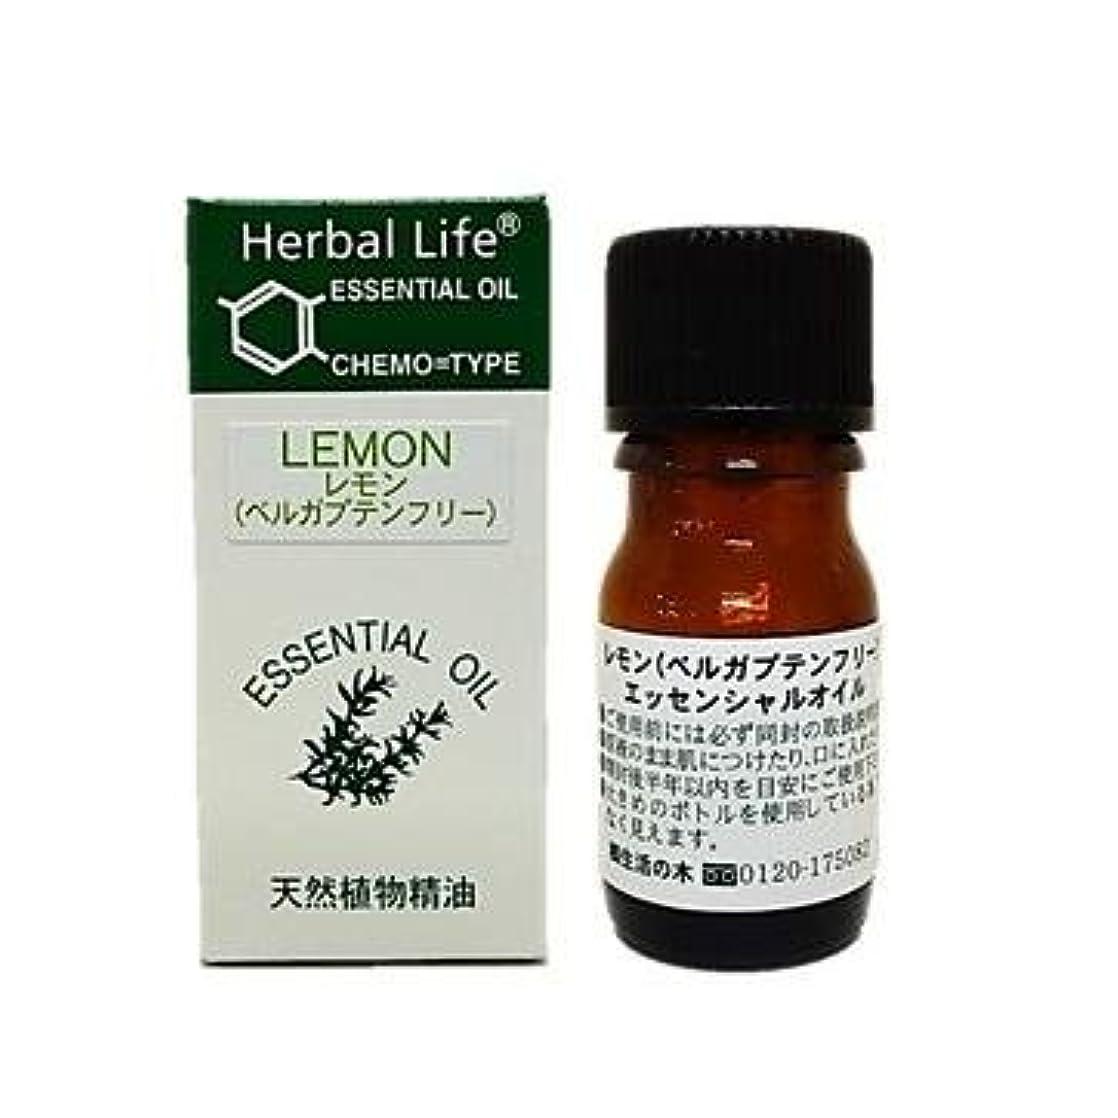 によるとプロフィール毎月生活の木 レモン(フロクマリンフリー)3ml エッセンシャルオイル/精油